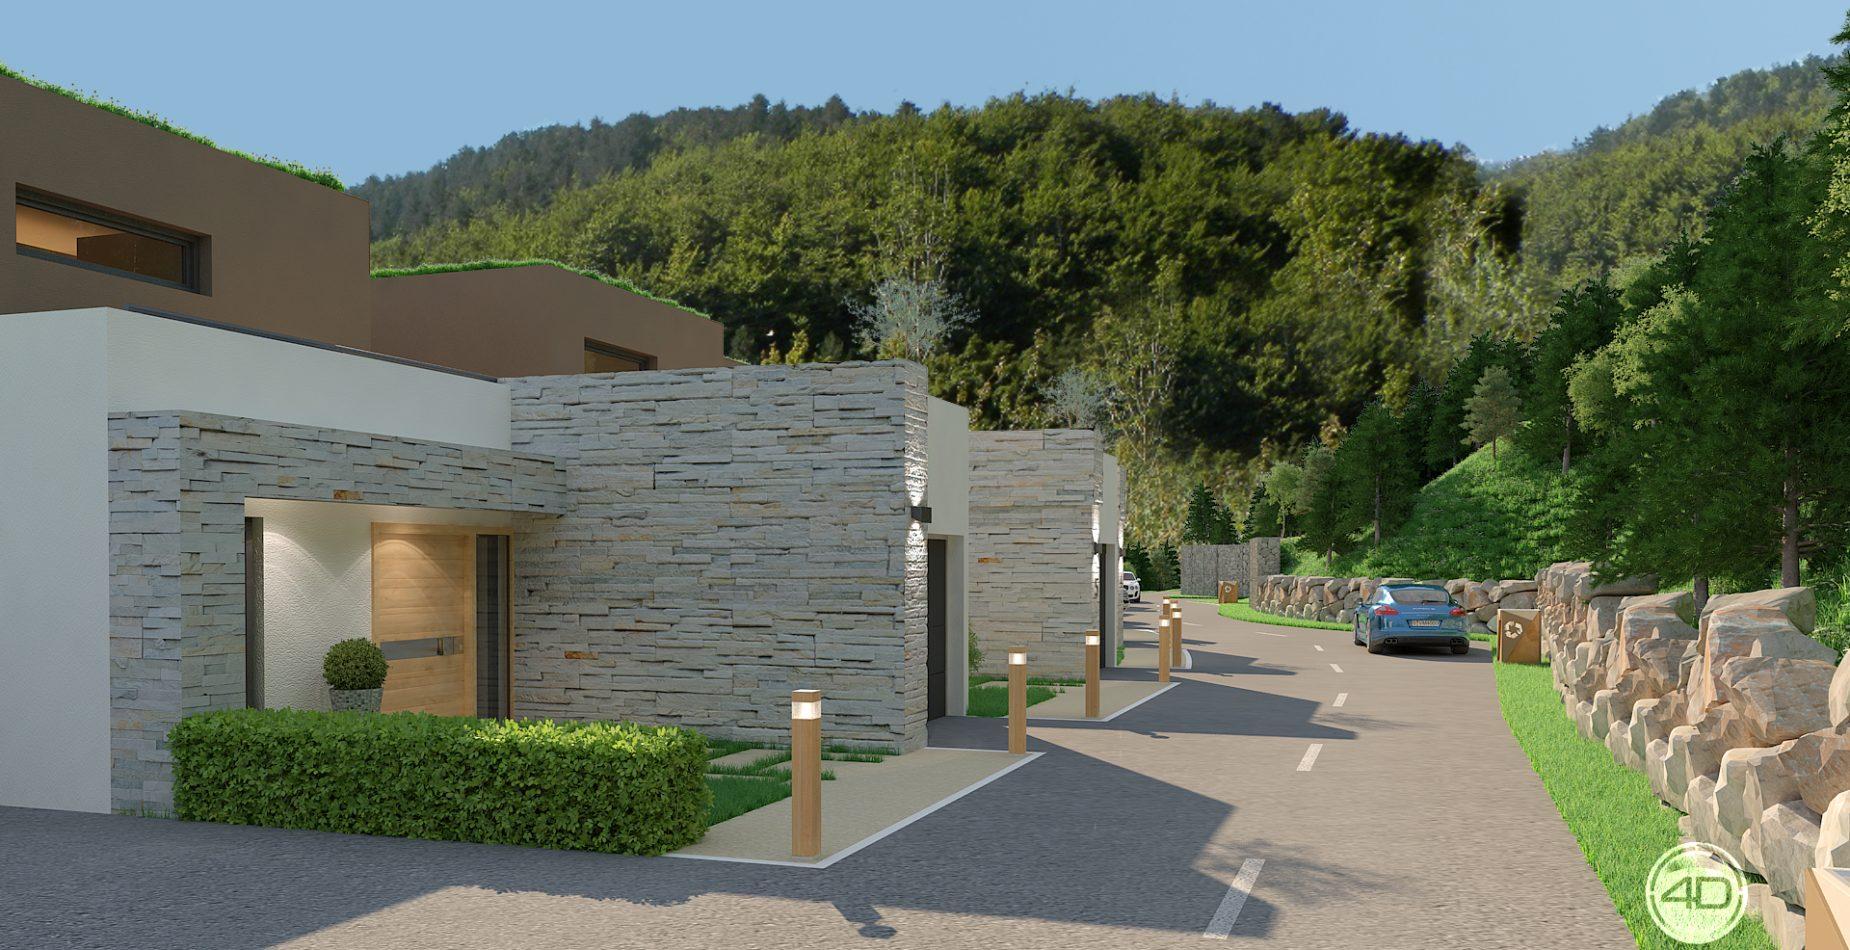 Edificio_4D-univers-townhouse_lac_annecy_3D-villa_00011